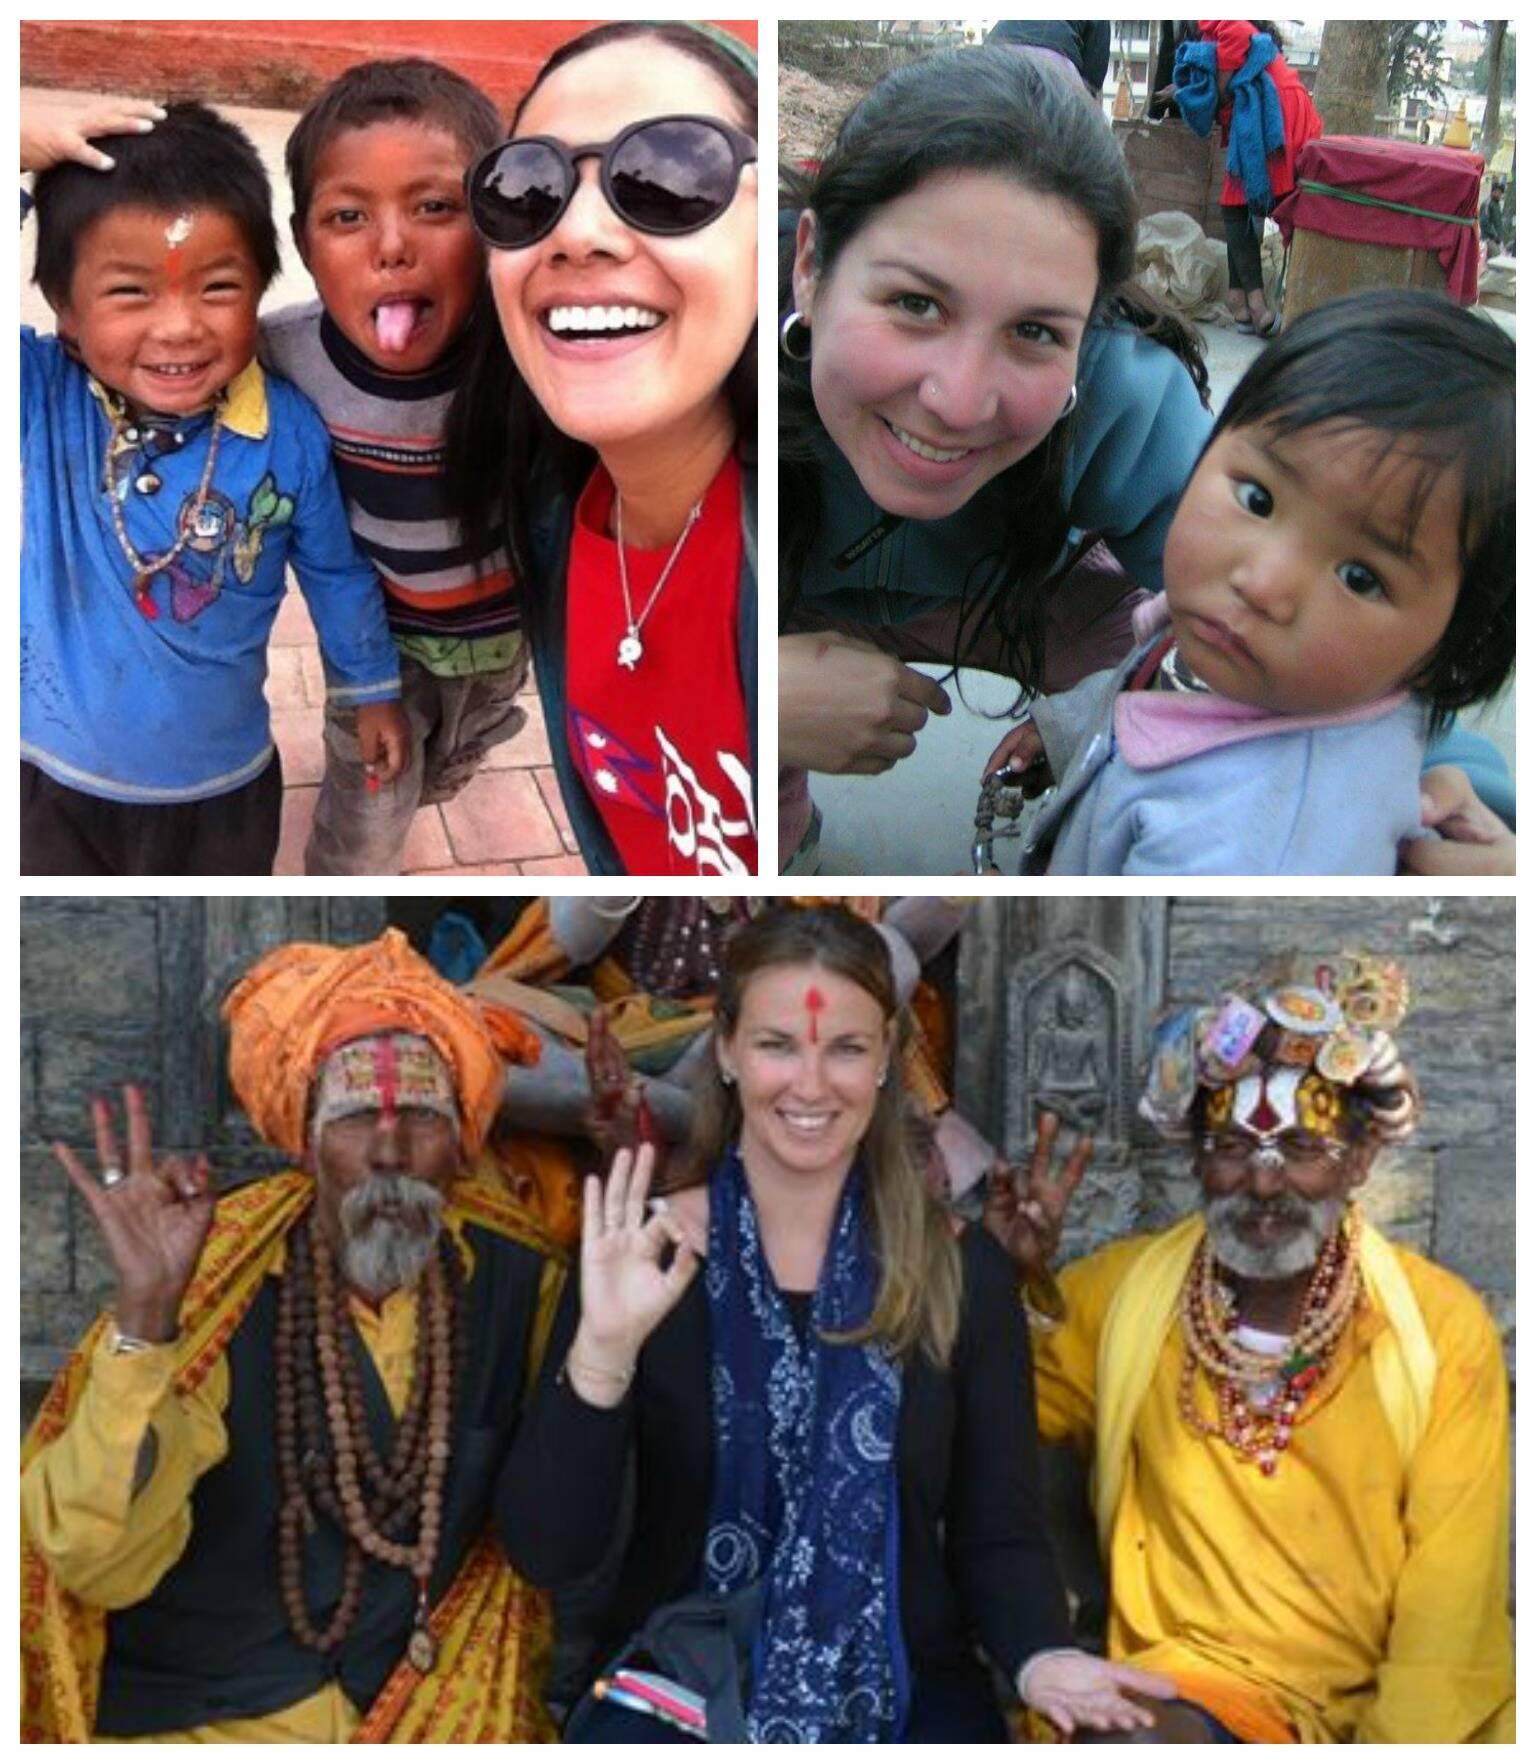 No sentido horário: Mariana Tavares com crianças; Ana Beatriz Freccia com uma menina local; e, Heda Wenzei com nepalenses.